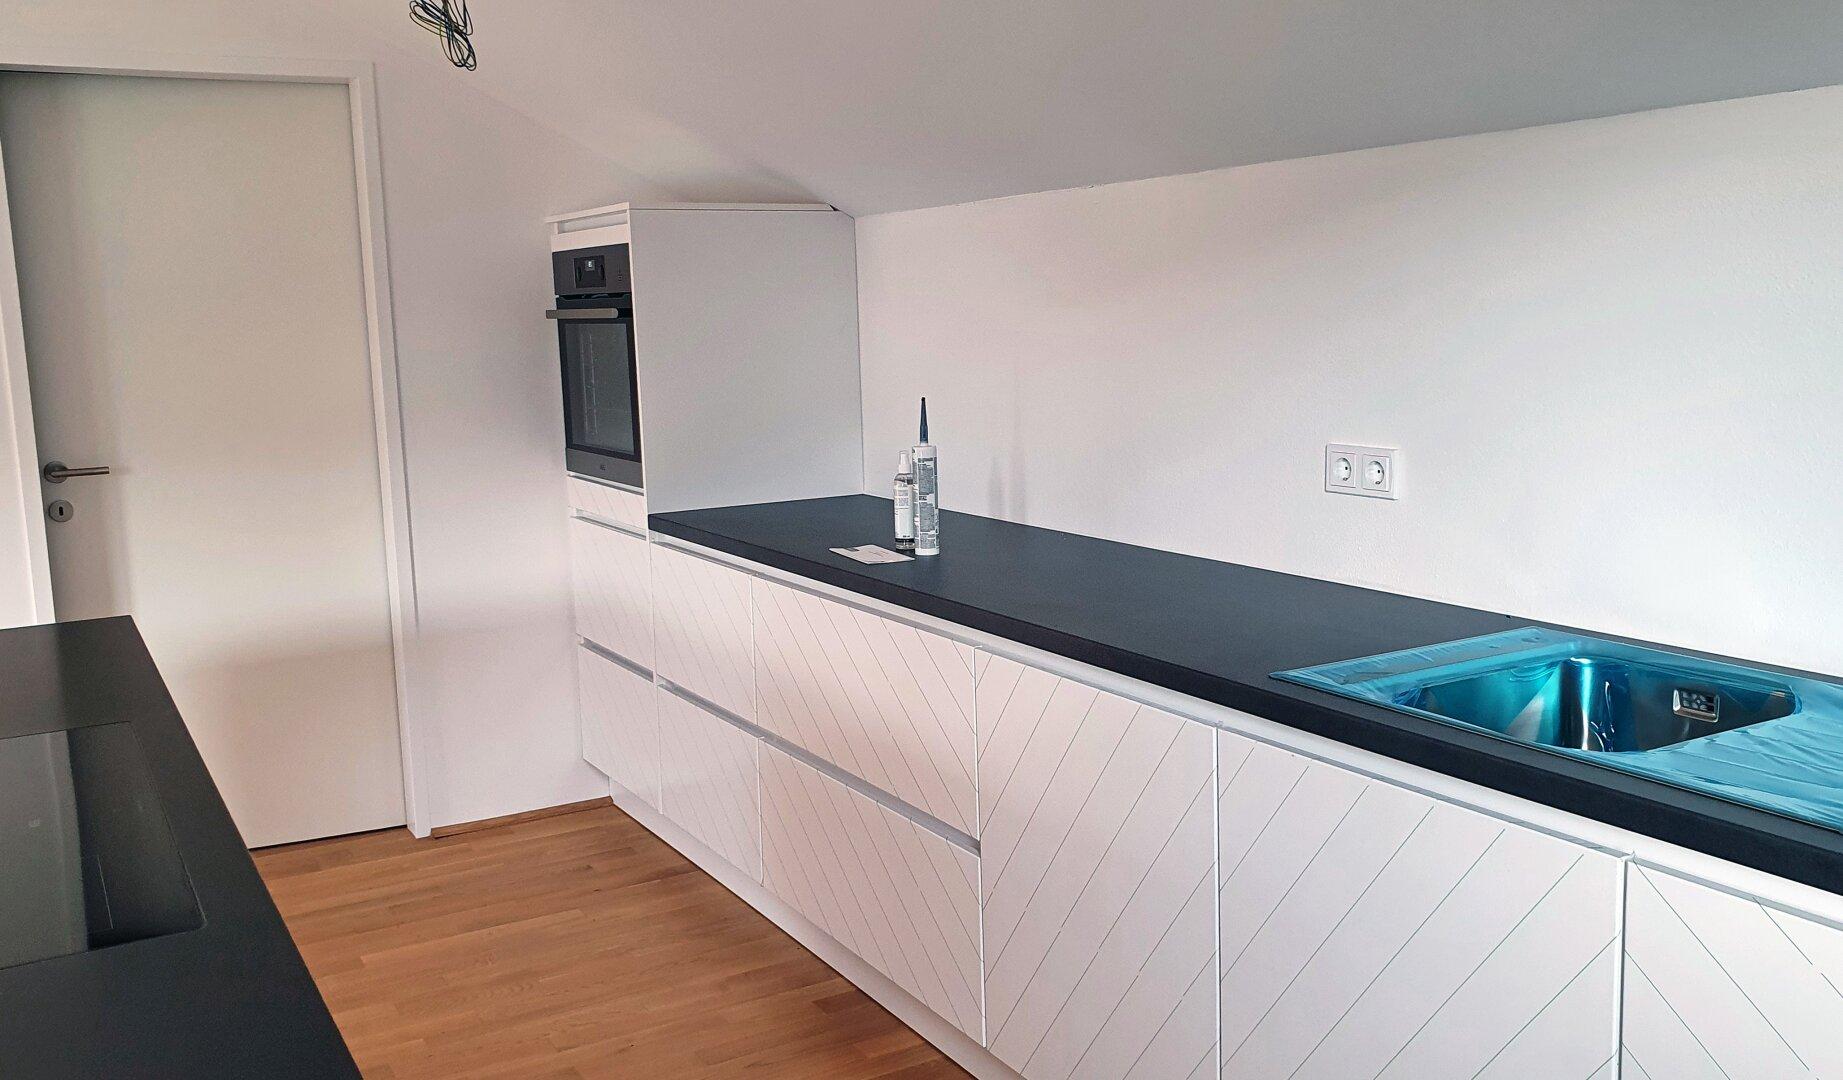 Küche Ansicht 1, Wohnung Dachgeschoss Thiersee